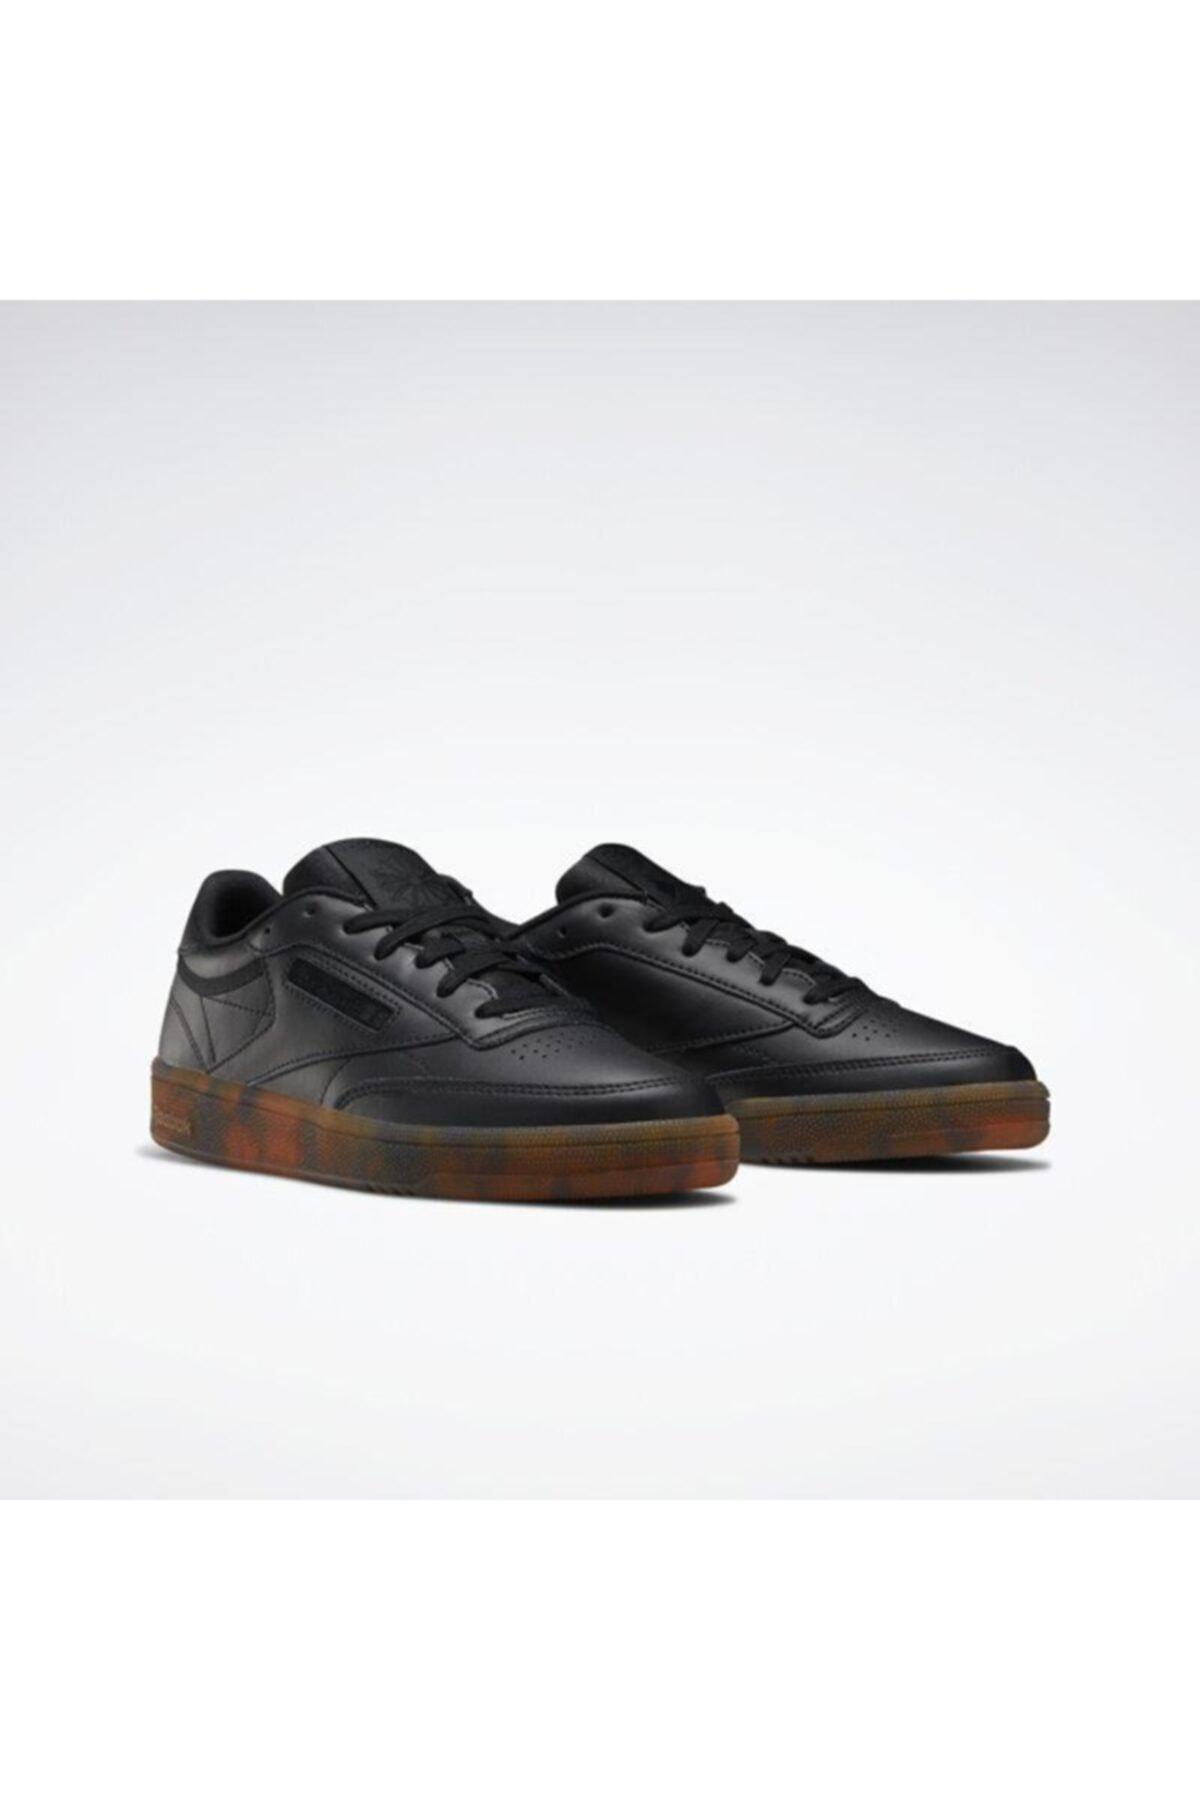 Reebok Eh1511 Club C 85 Kadın Günlük Siyah Spor Ayakkabı 1